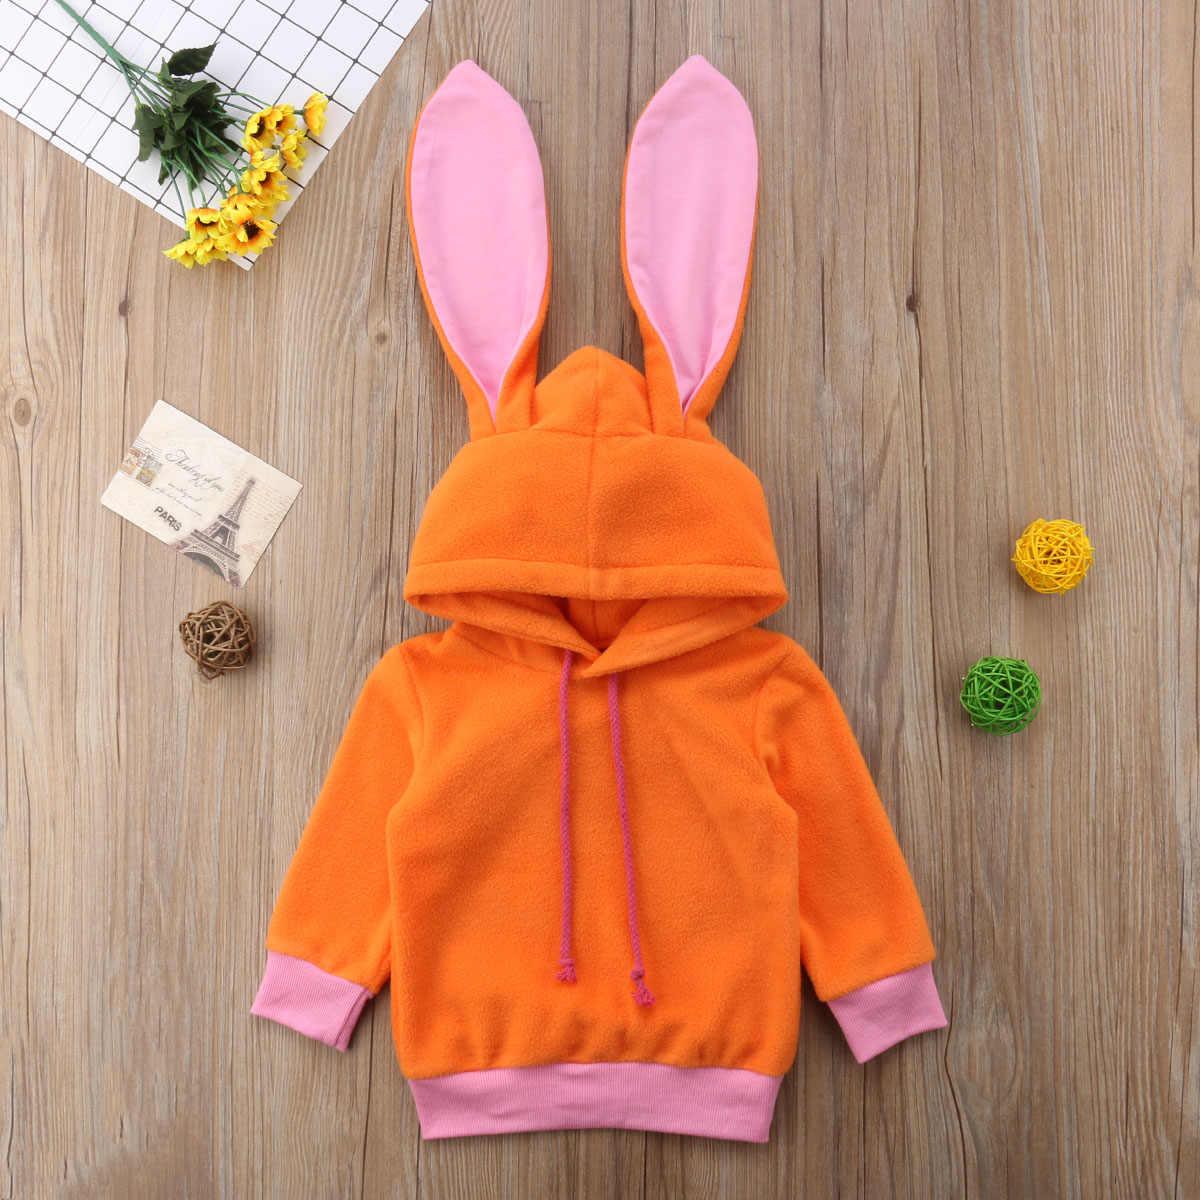 2018 멀티 트러스트 브랜드 겨울 가을 패션 아기 소녀 보이 스웨터 까마귀 오렌지 귀여운 코트 탑 토끼 귀여운 유아 의류 0-24 m